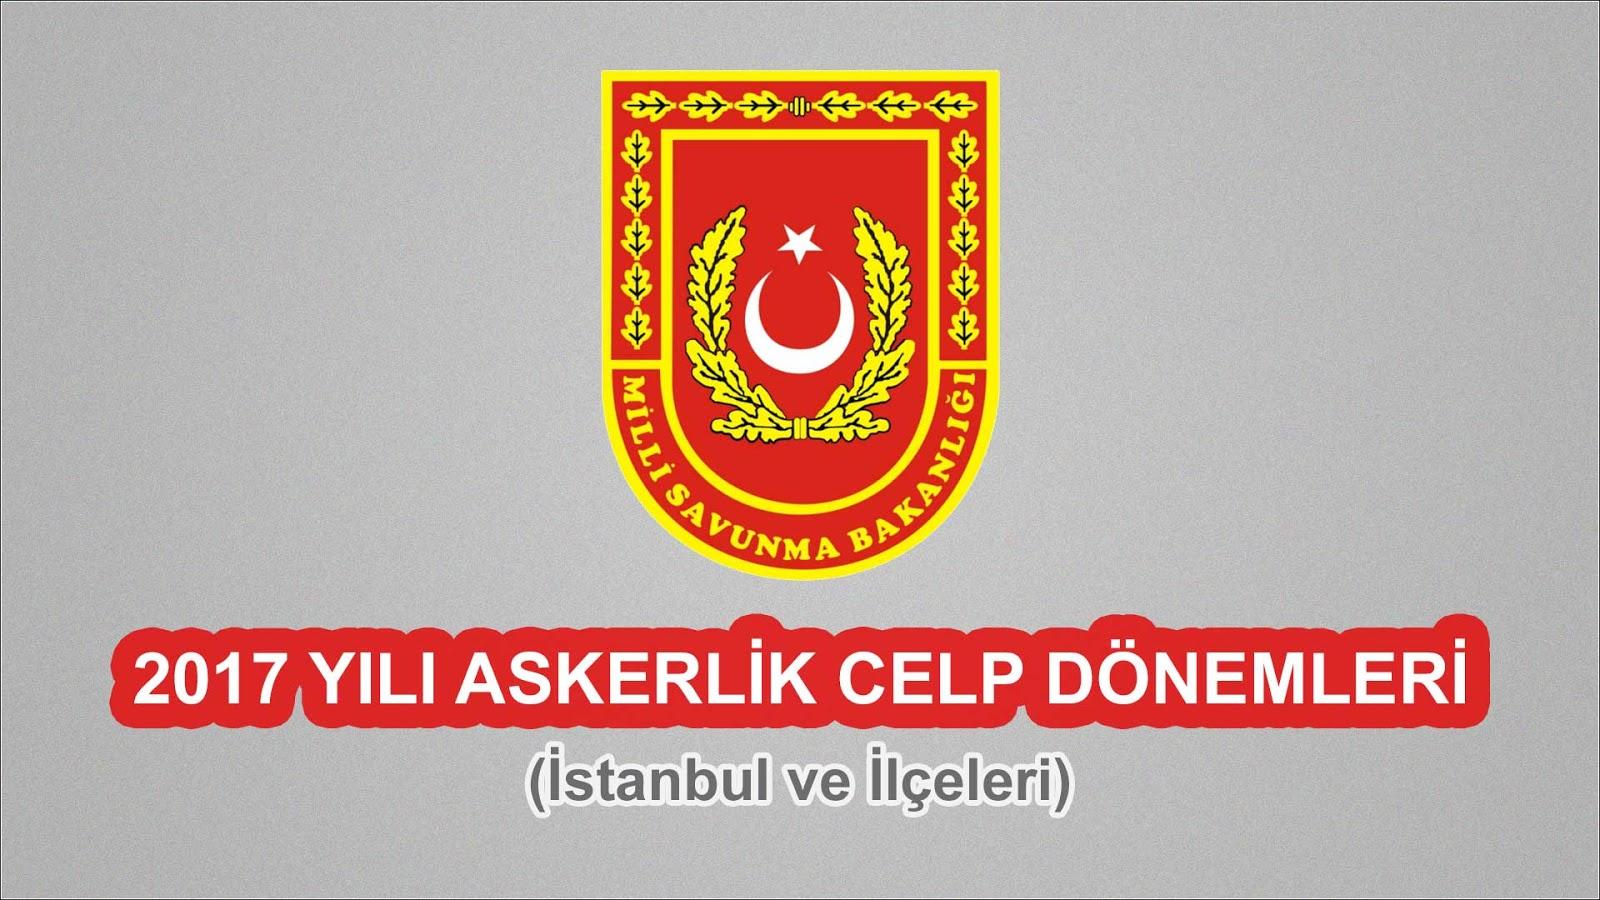 2017 Yılı İstanbul Askerlik Celp Dönemleri